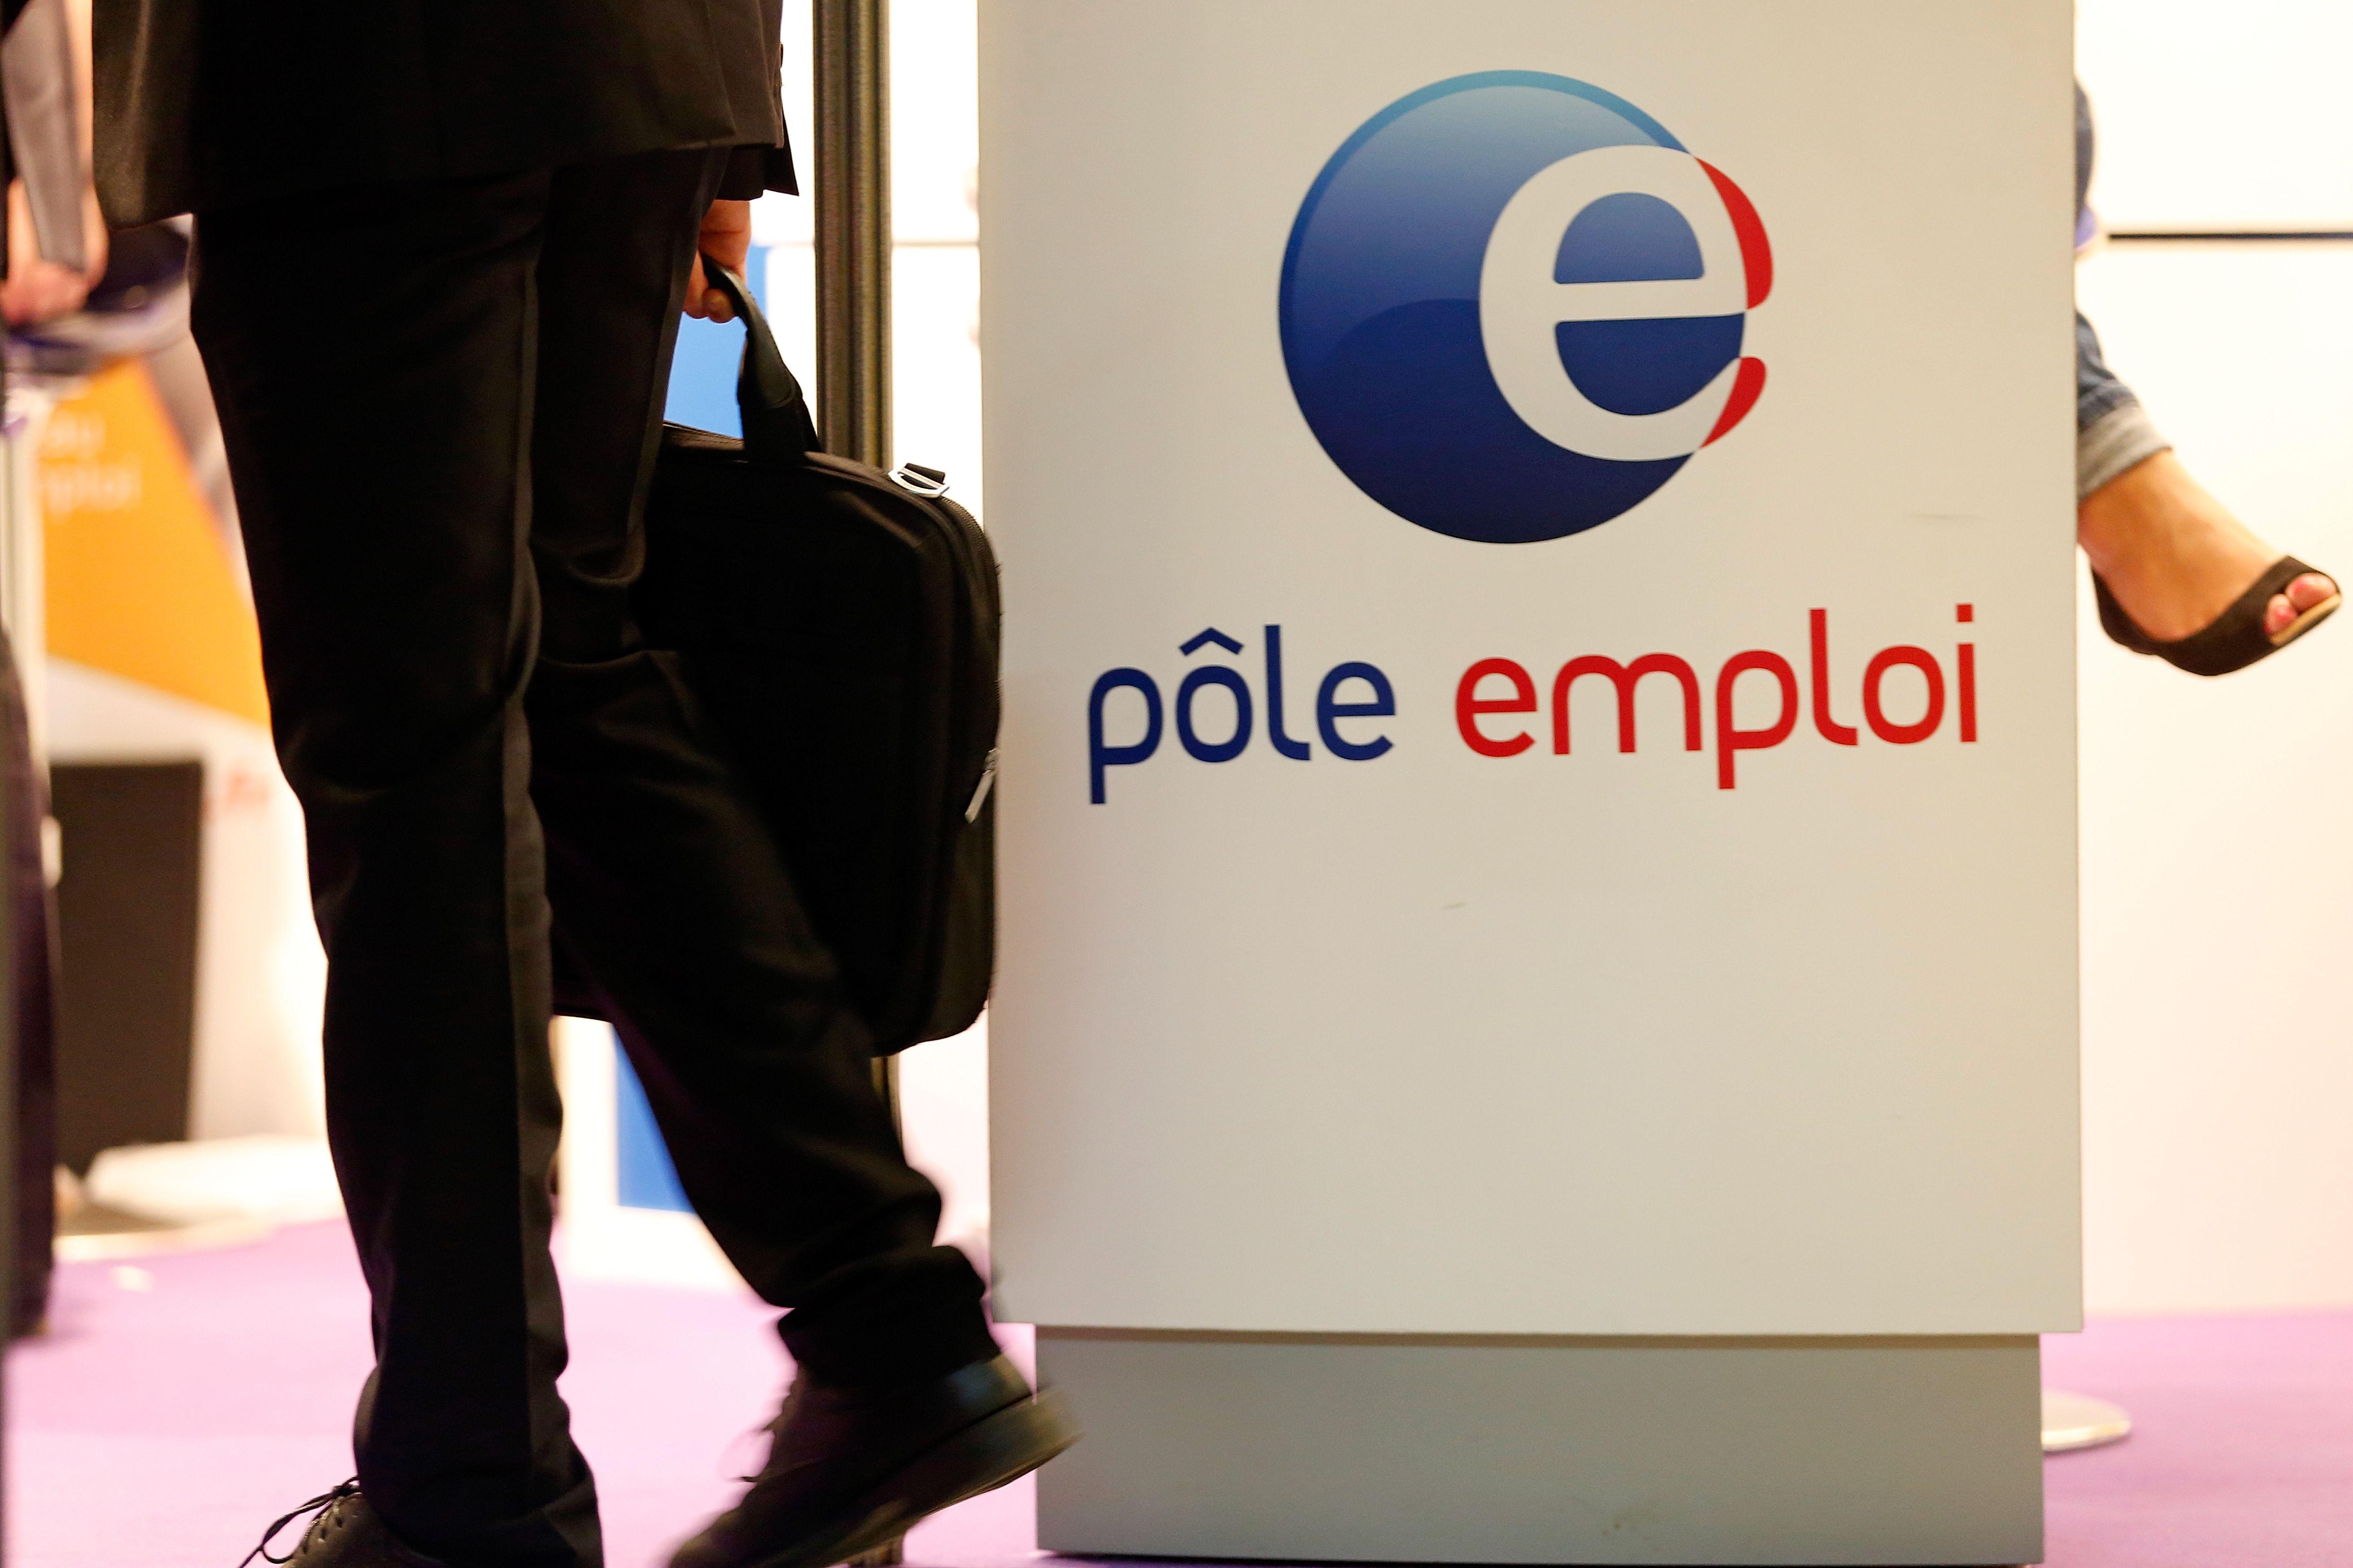 Le chômage augmente cependant de 2,7% dans les catégories B et C (51 300 personnes en plus).